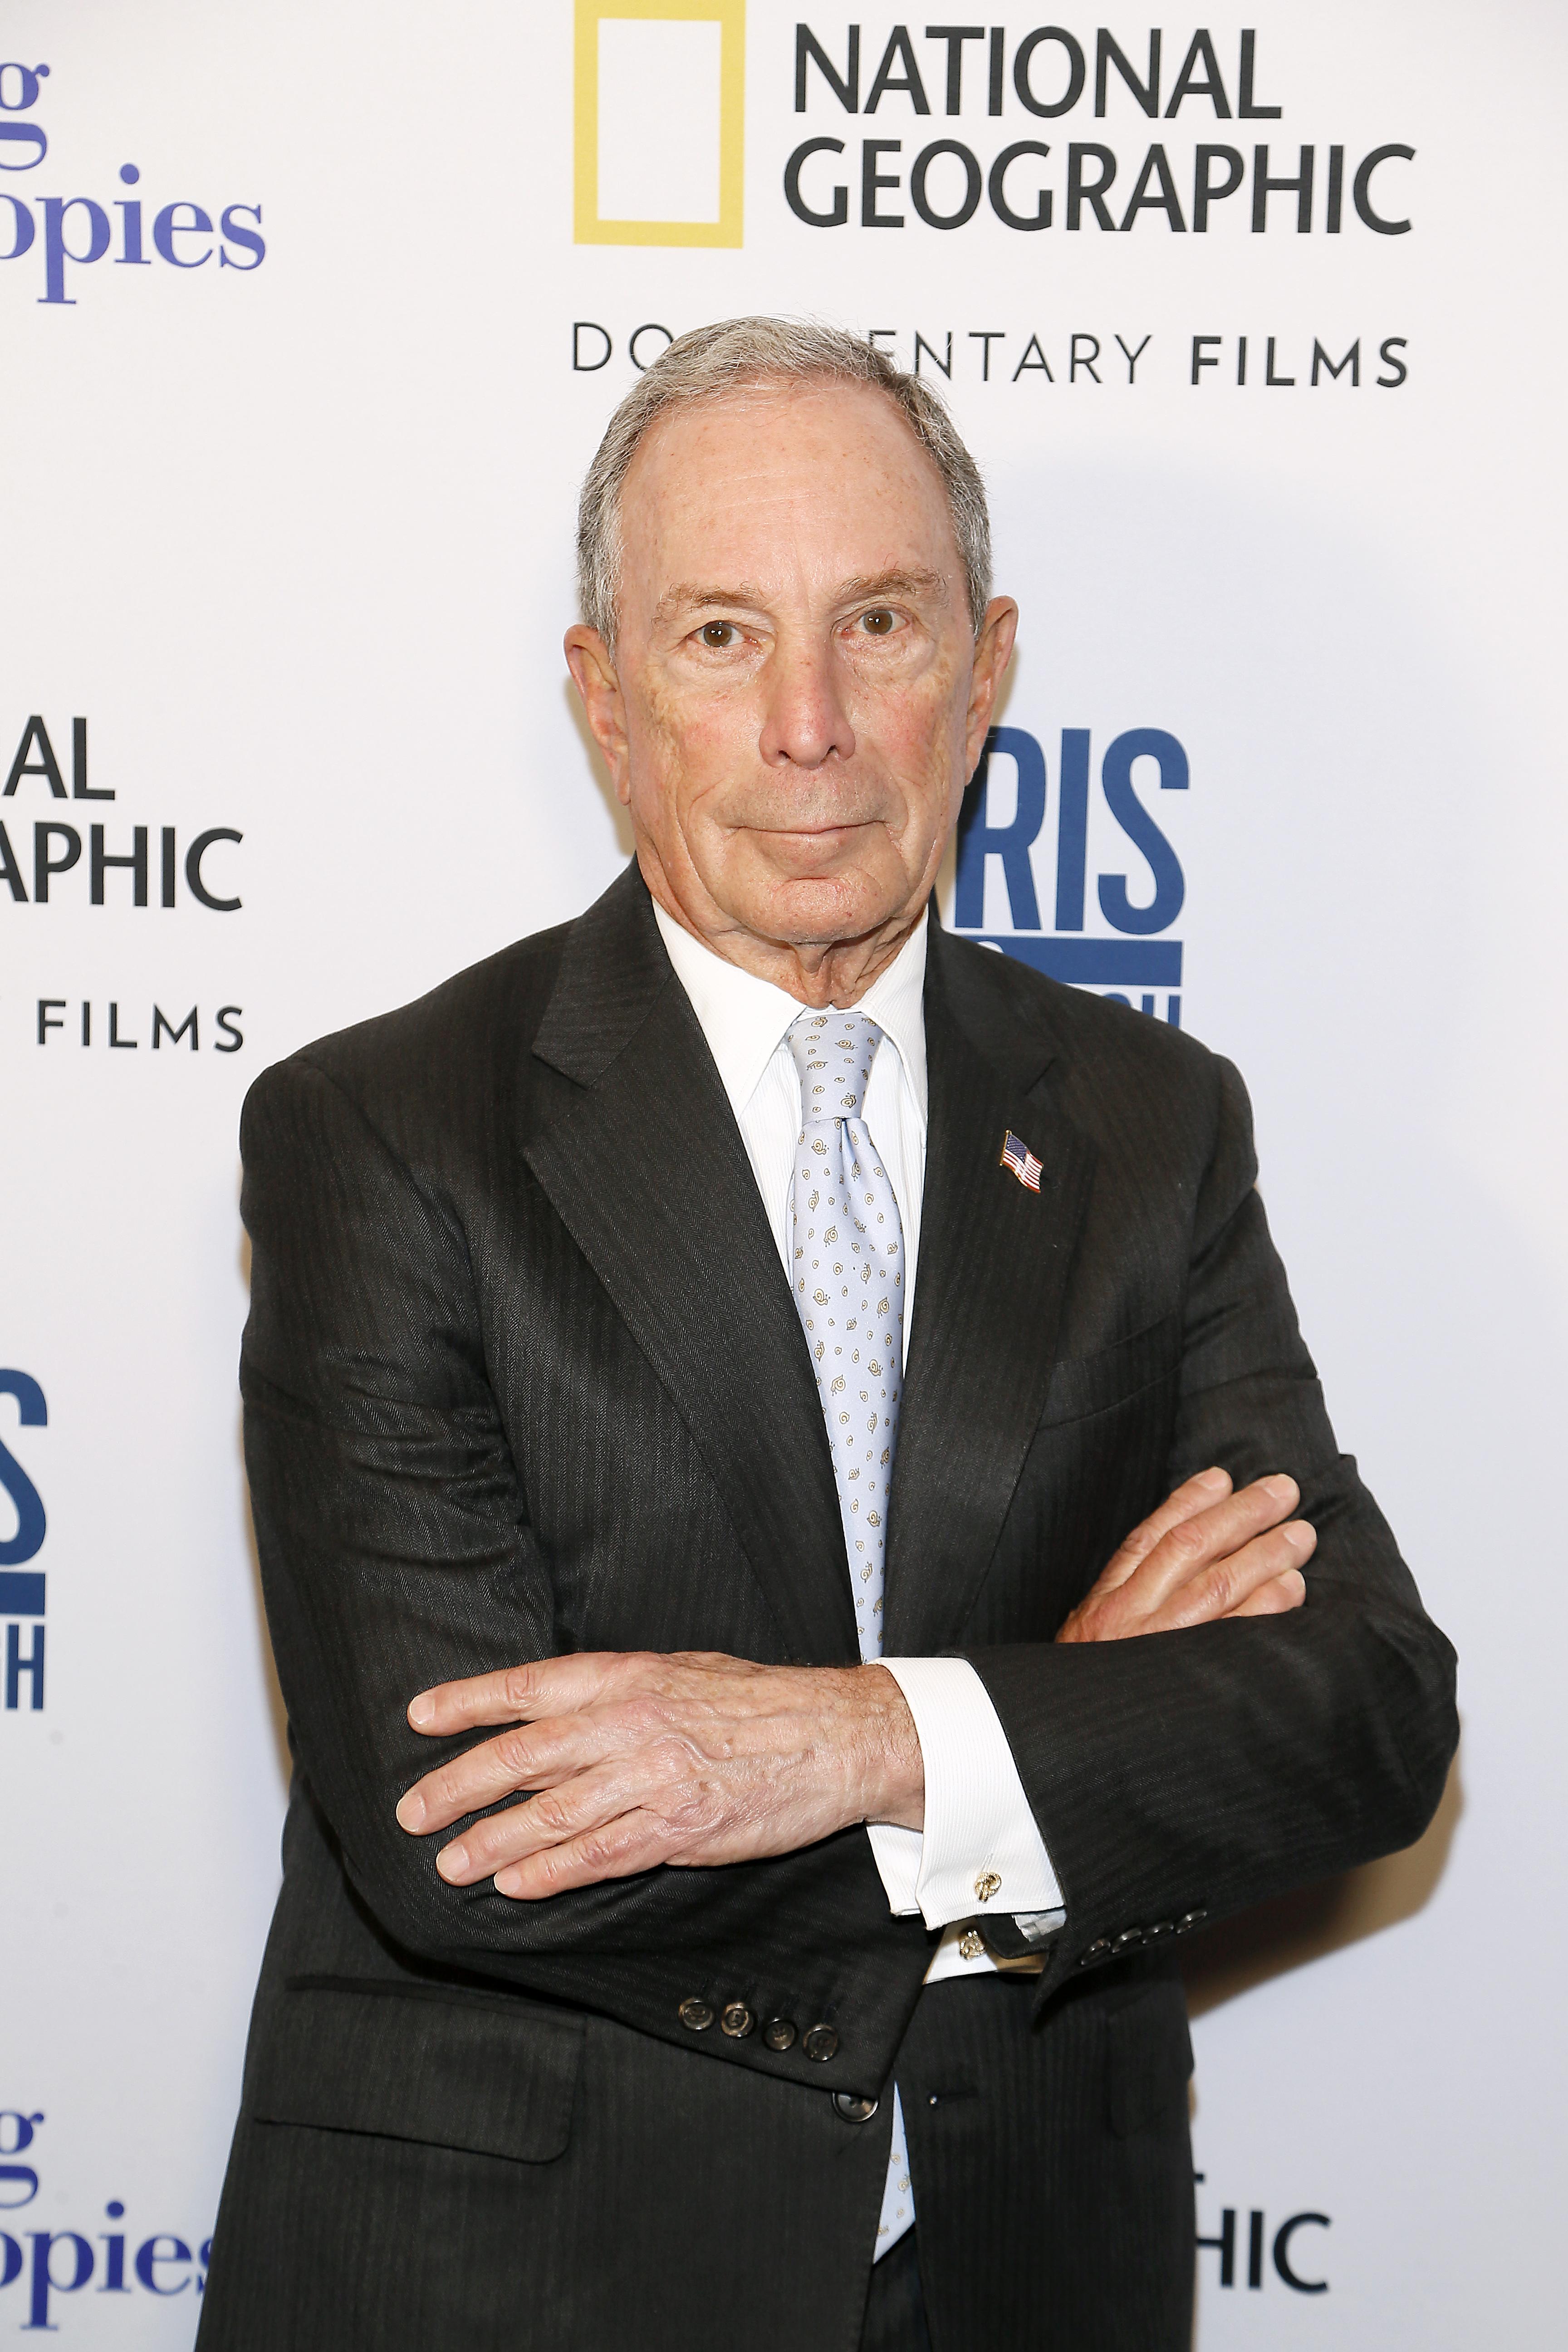 Michael Bloomberg el 13 de febrero de 2019   Paul Morigi   Agence France-Presse